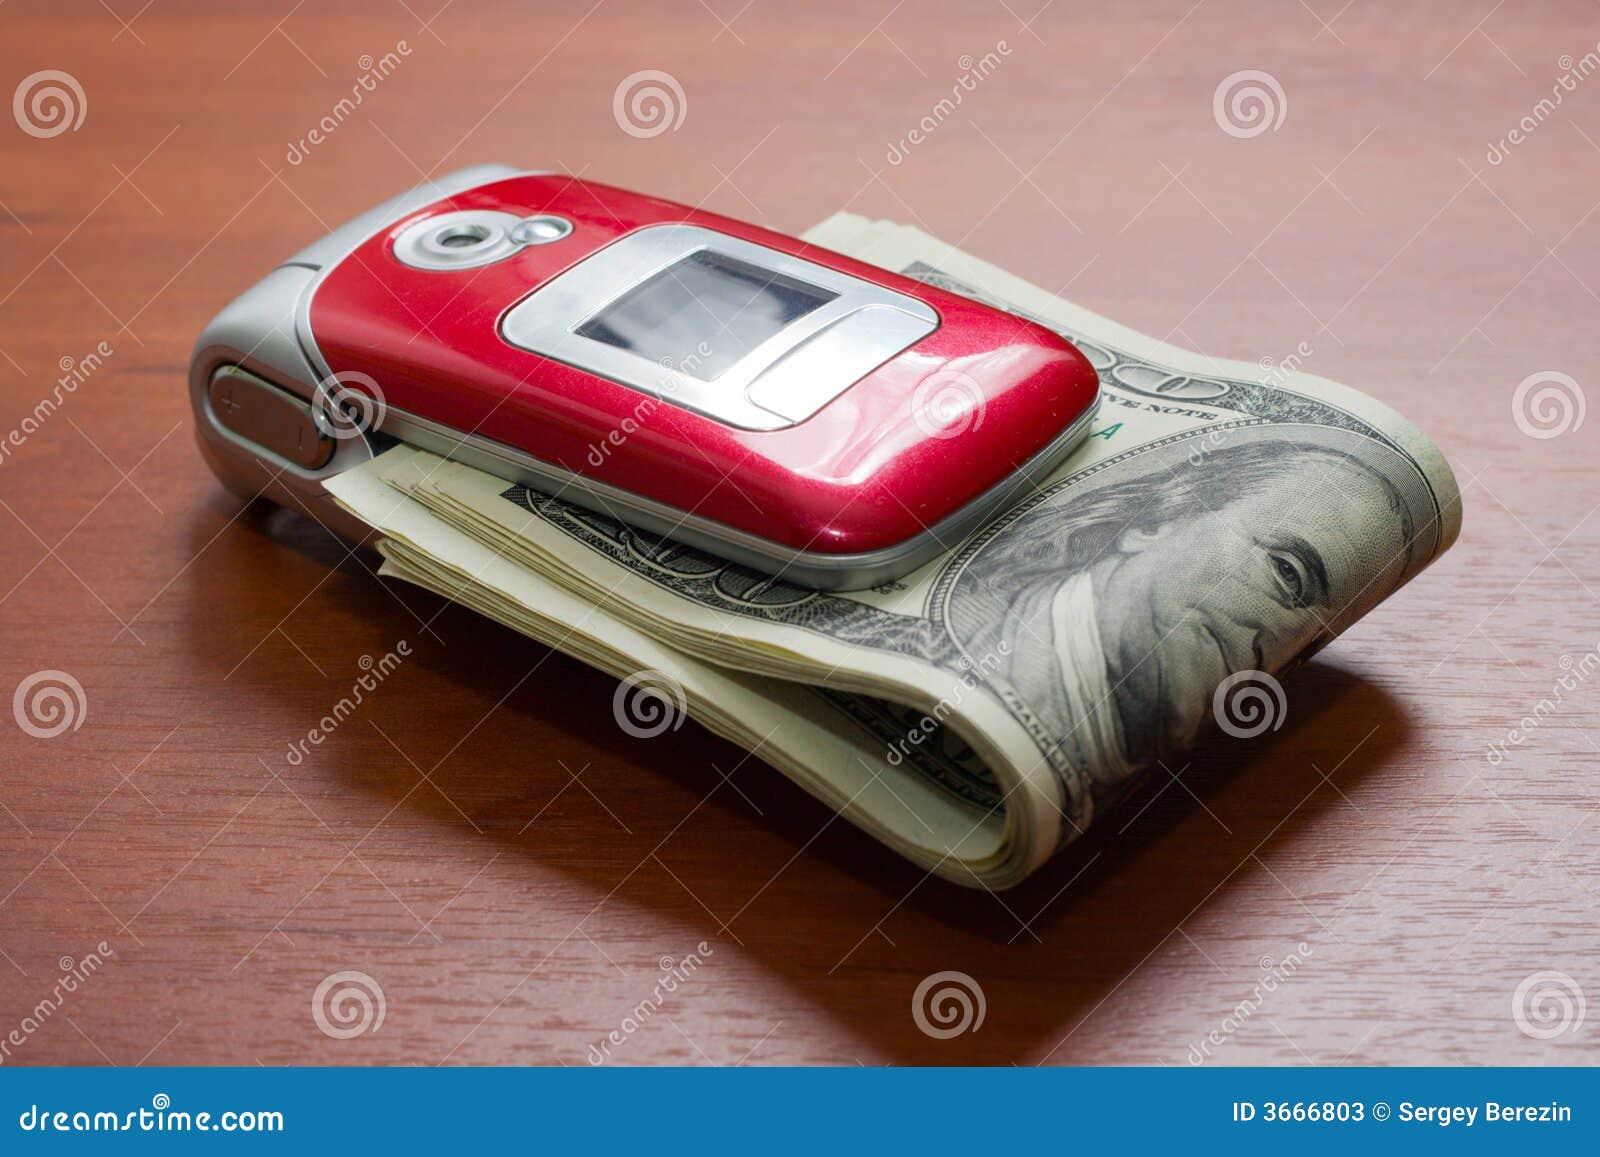 蜂窝电话美元包装电话